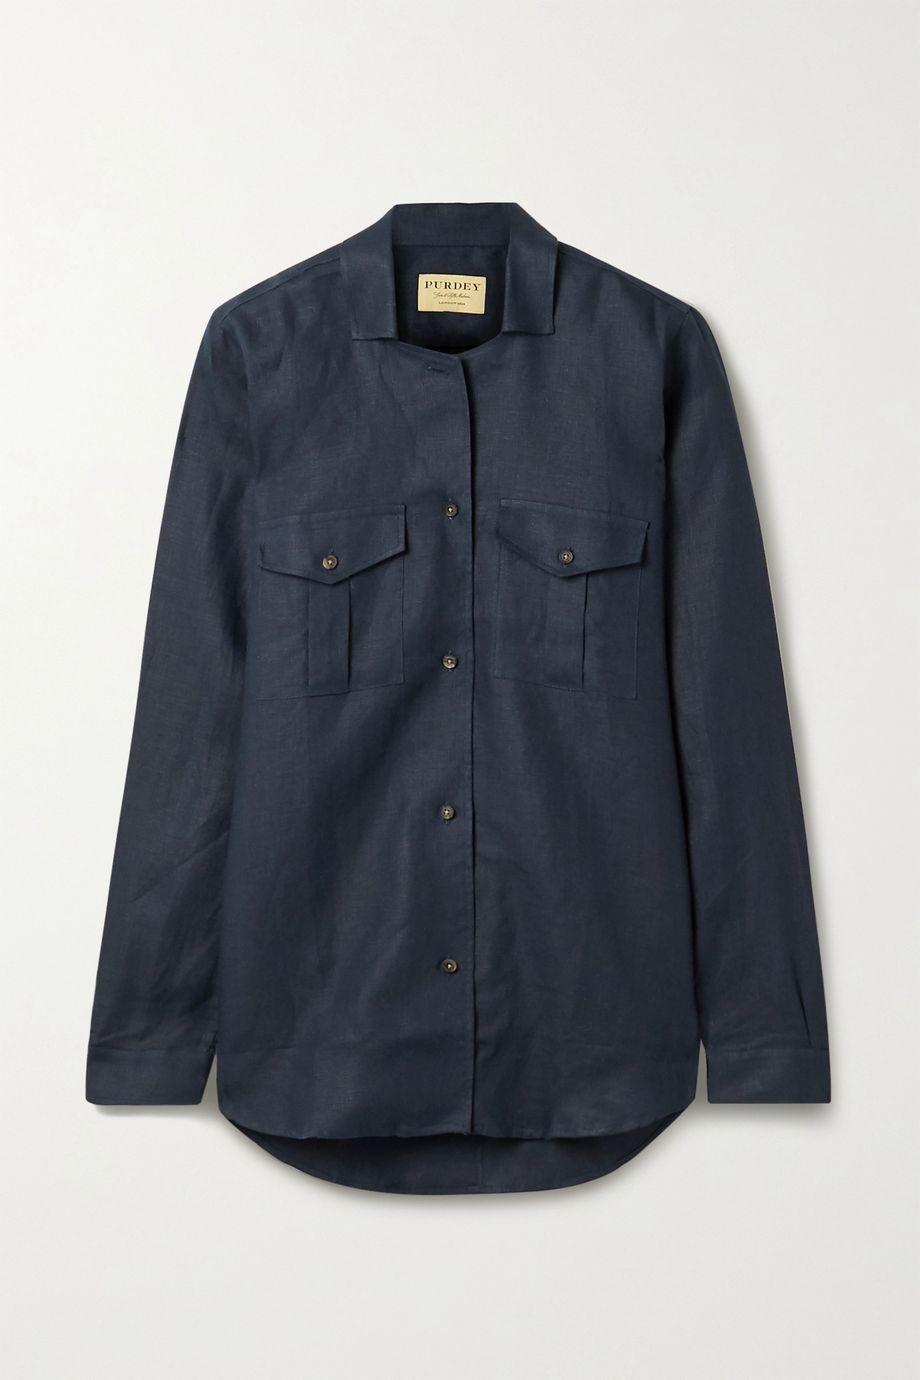 Purdey Linen shirt